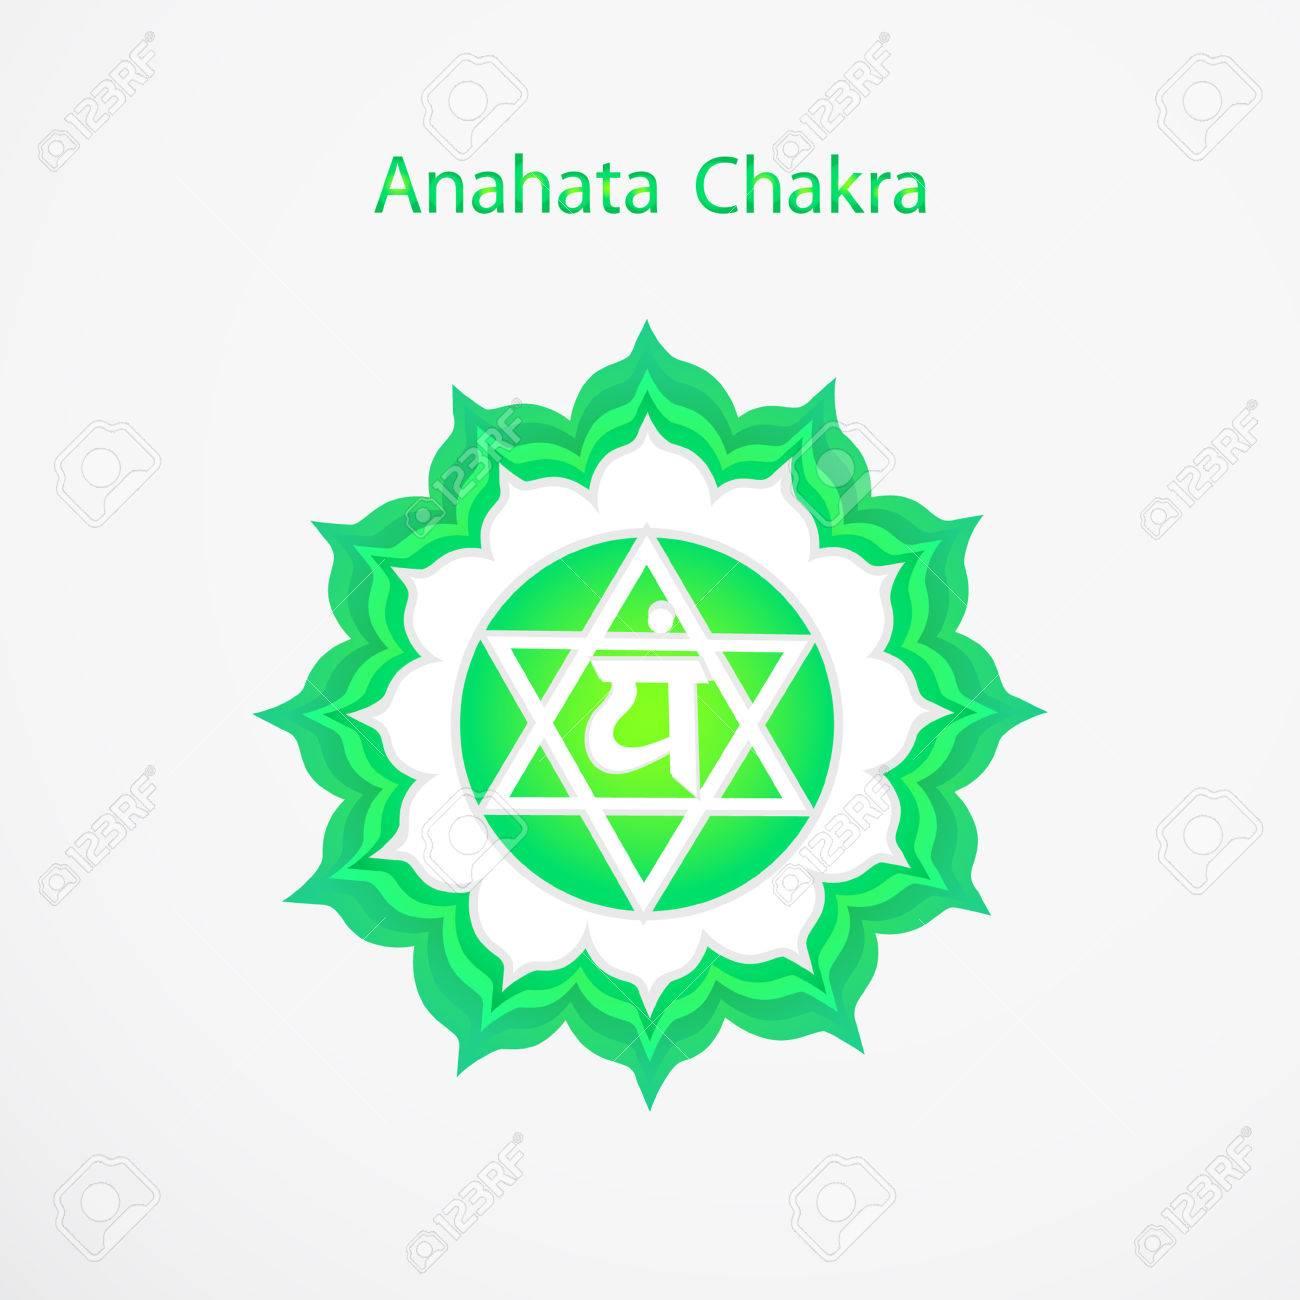 Symbol of Anahata chakra vector - 34656796